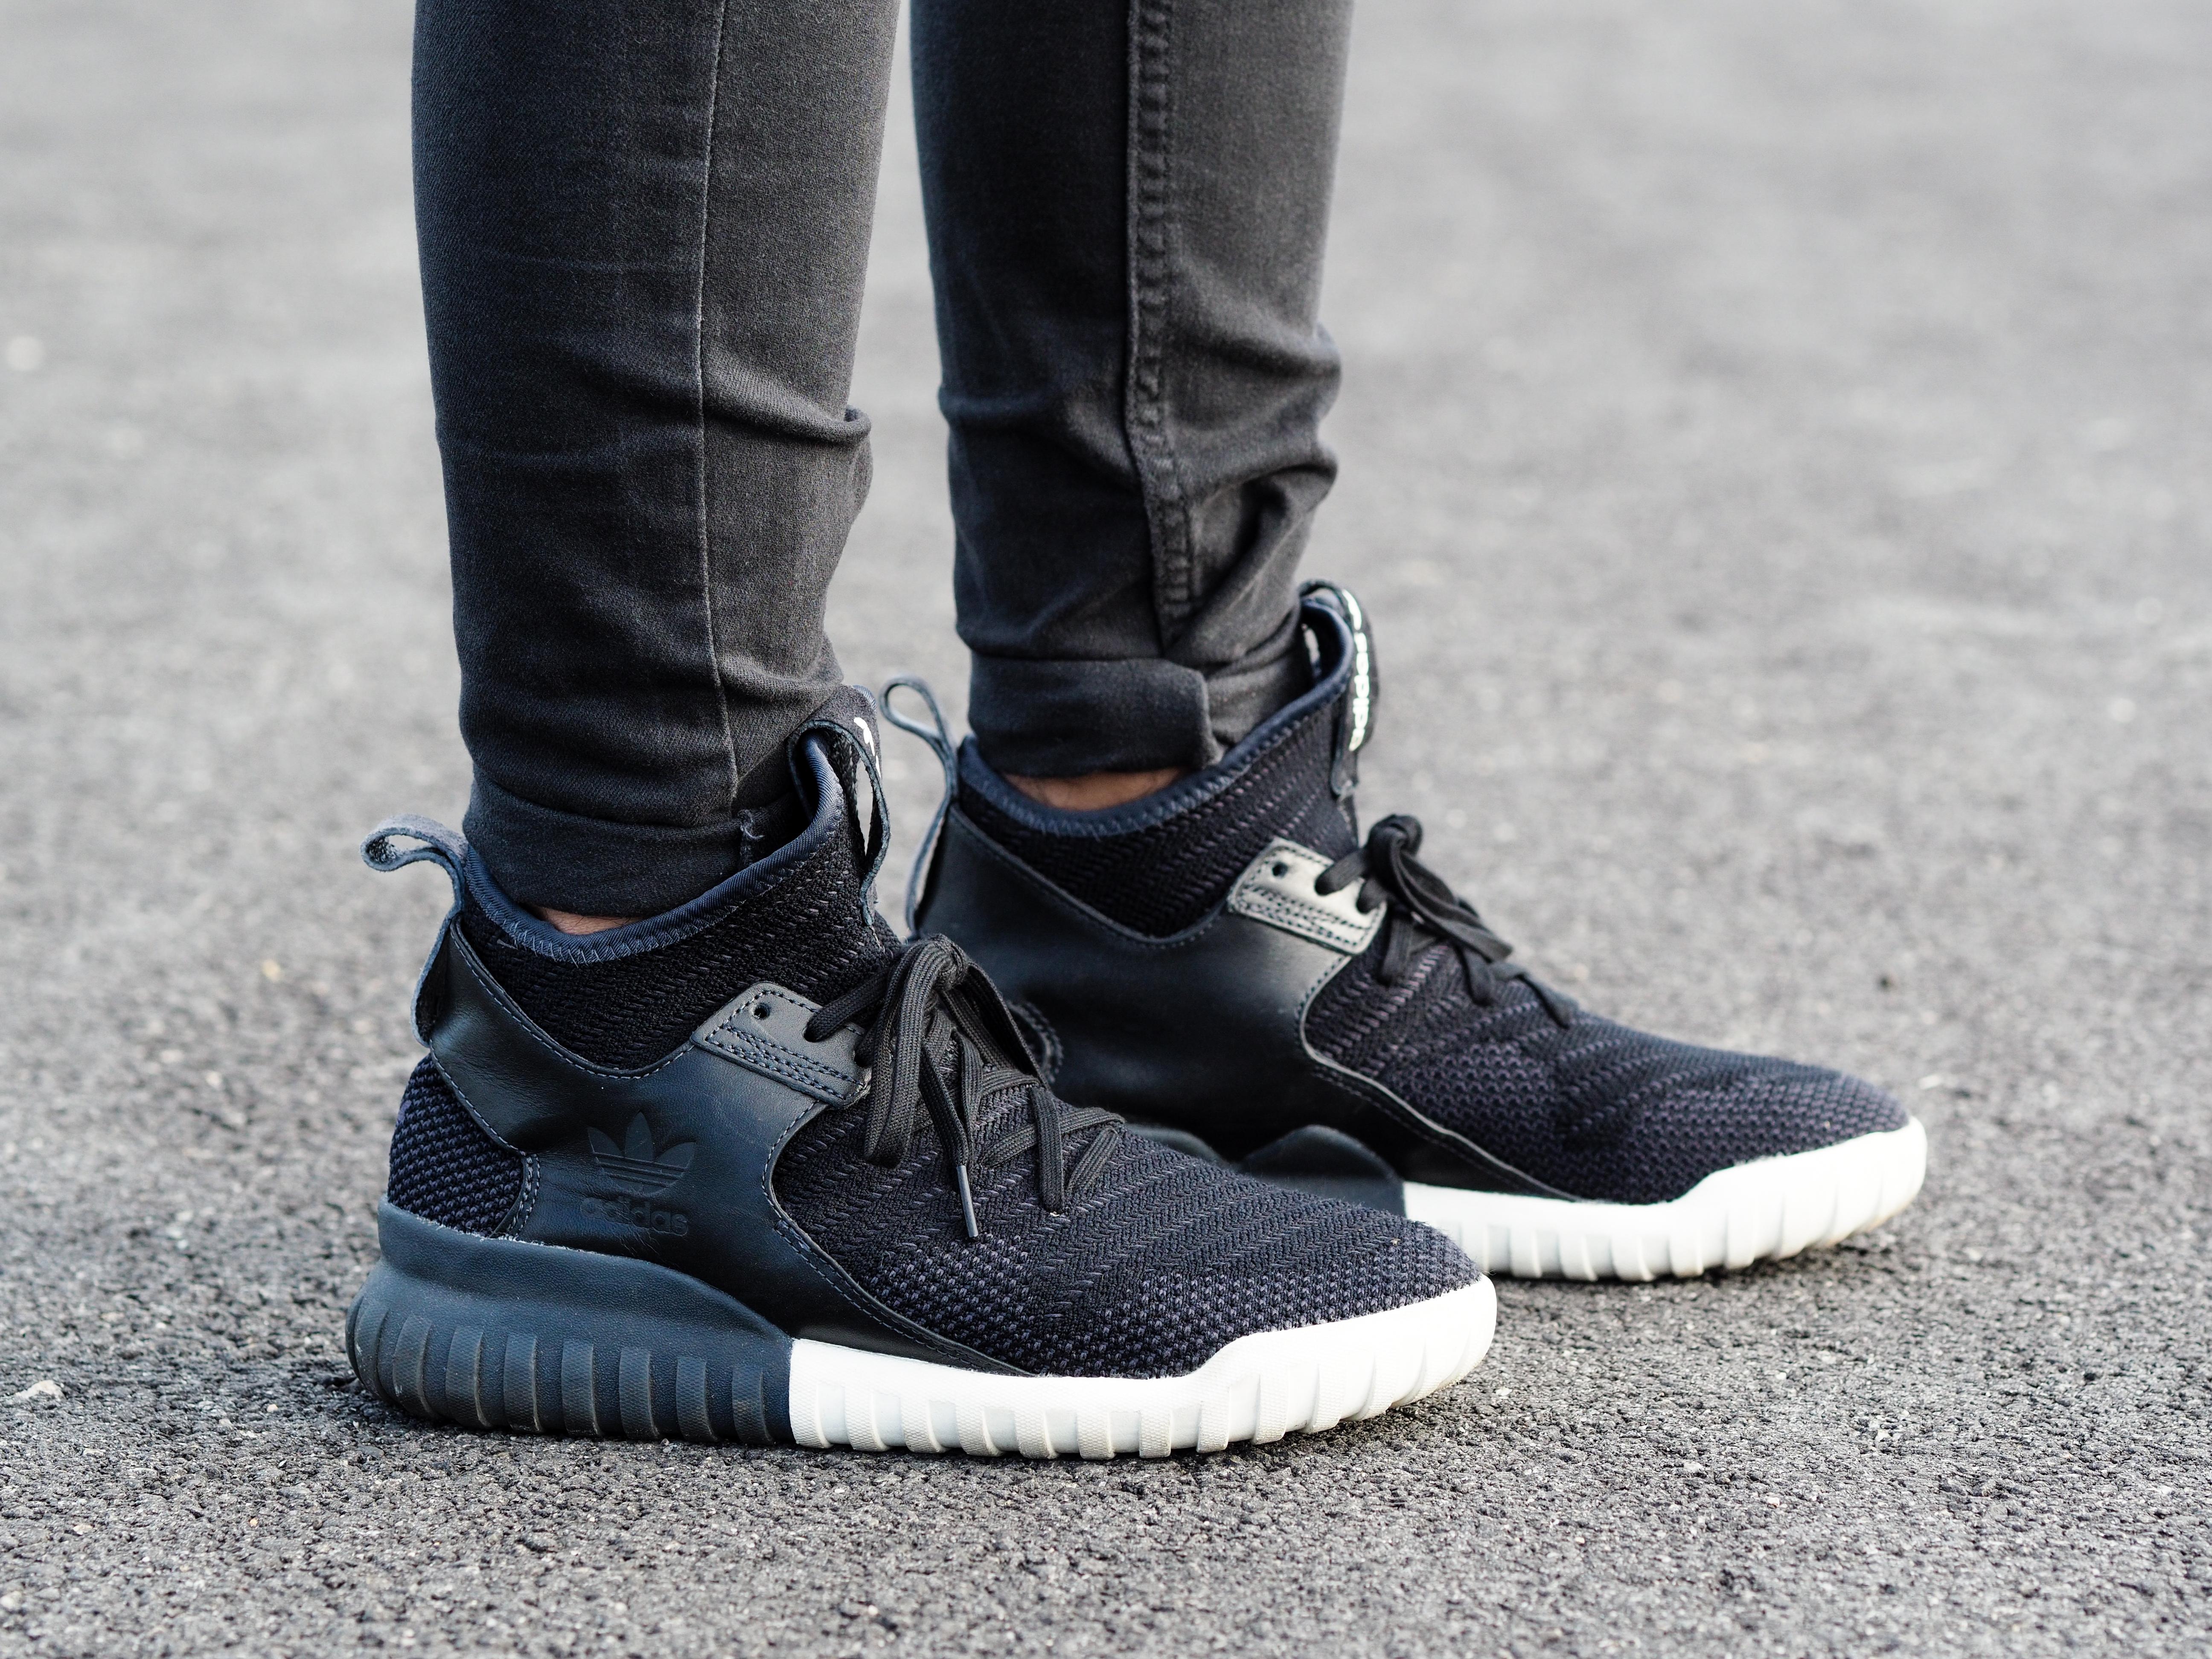 Entry 199 : Editorial - Adidas Tubular X Knit